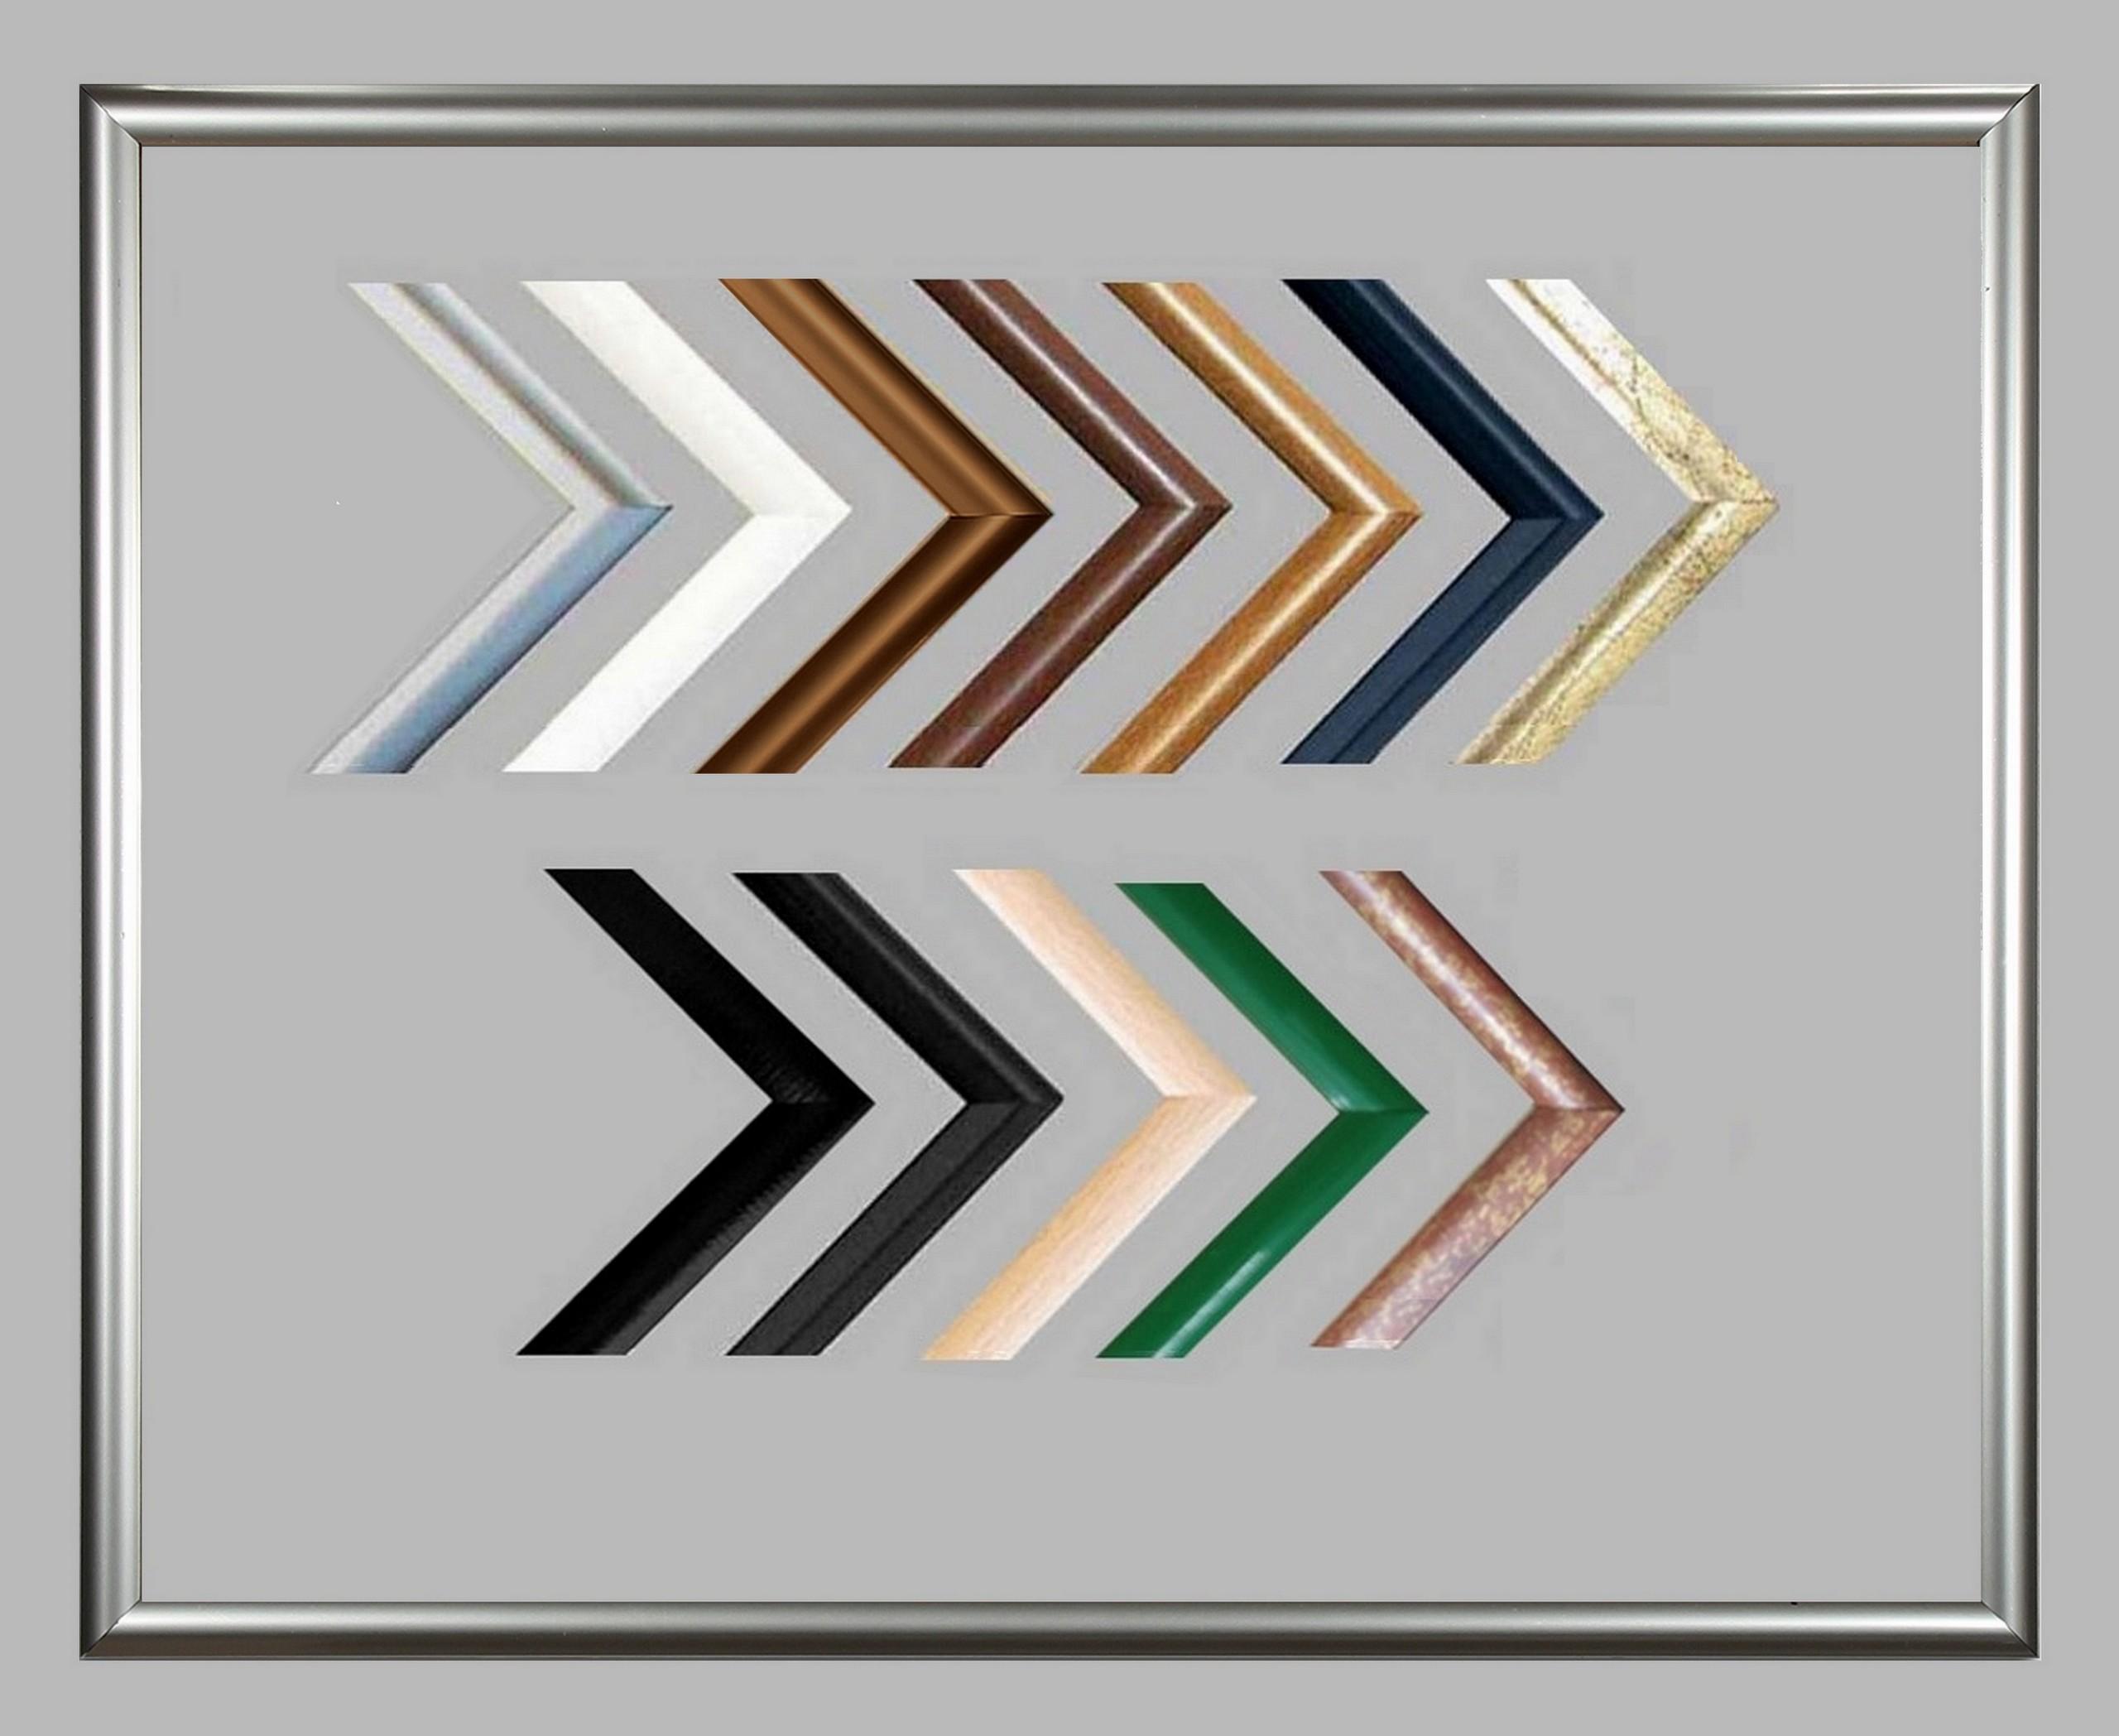 Ziemlich 24x28 Rahmen Bilder - Benutzerdefinierte Bilderrahmen Ideen ...